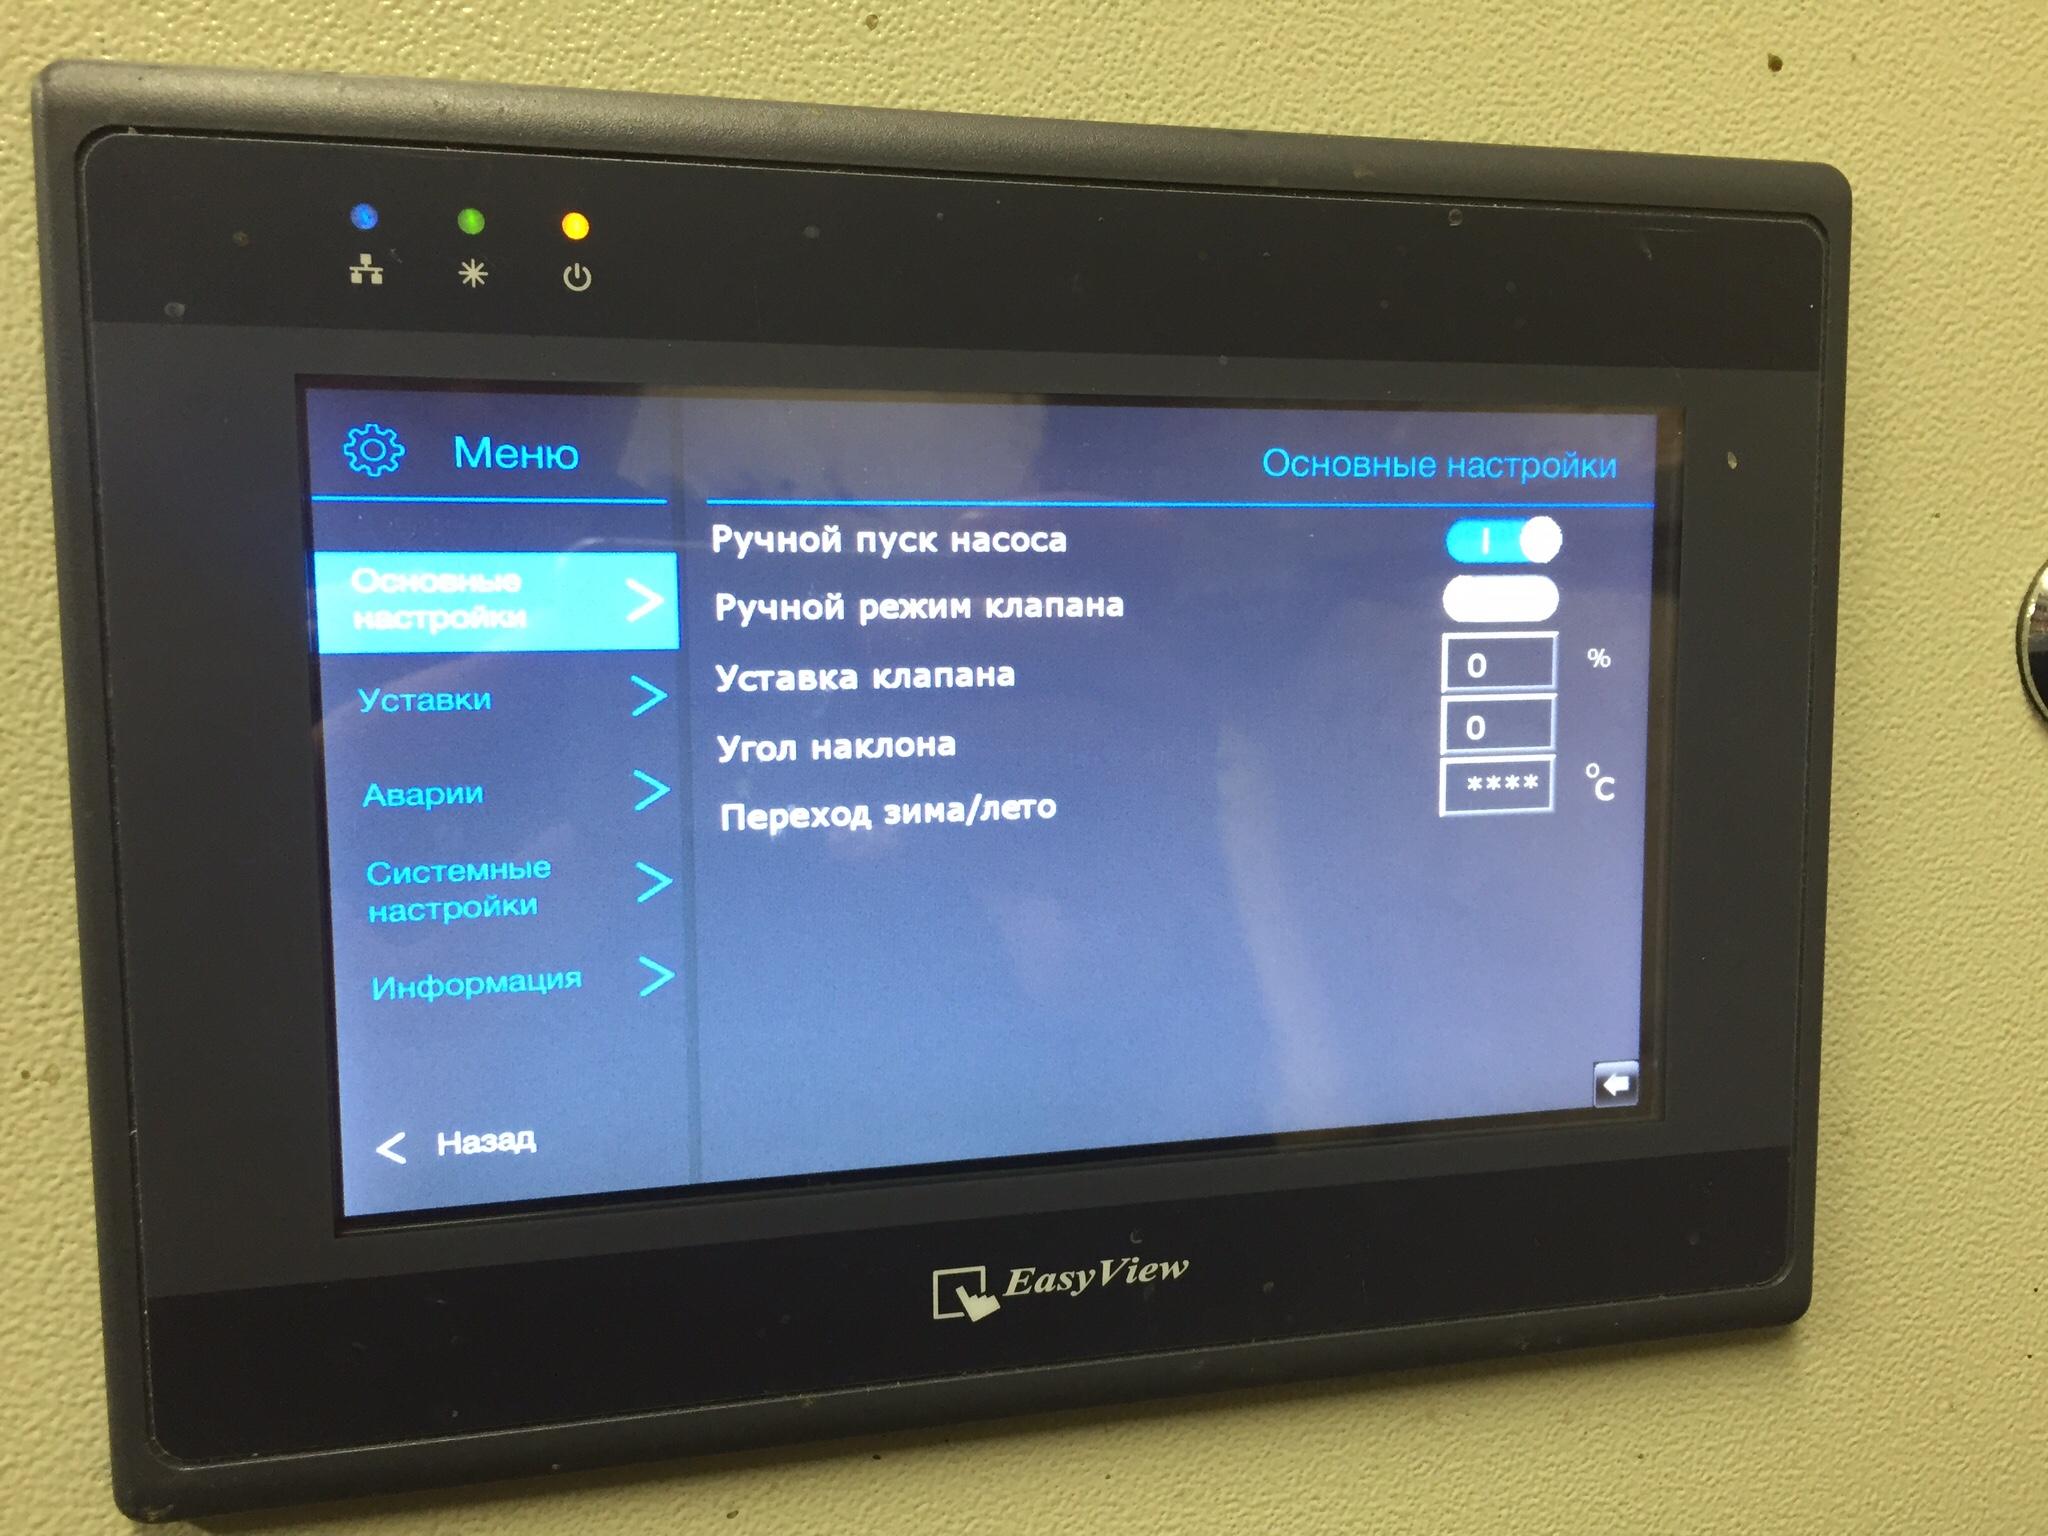 Основное меню с настройками на сенсорной панеле управления 7 дюймов